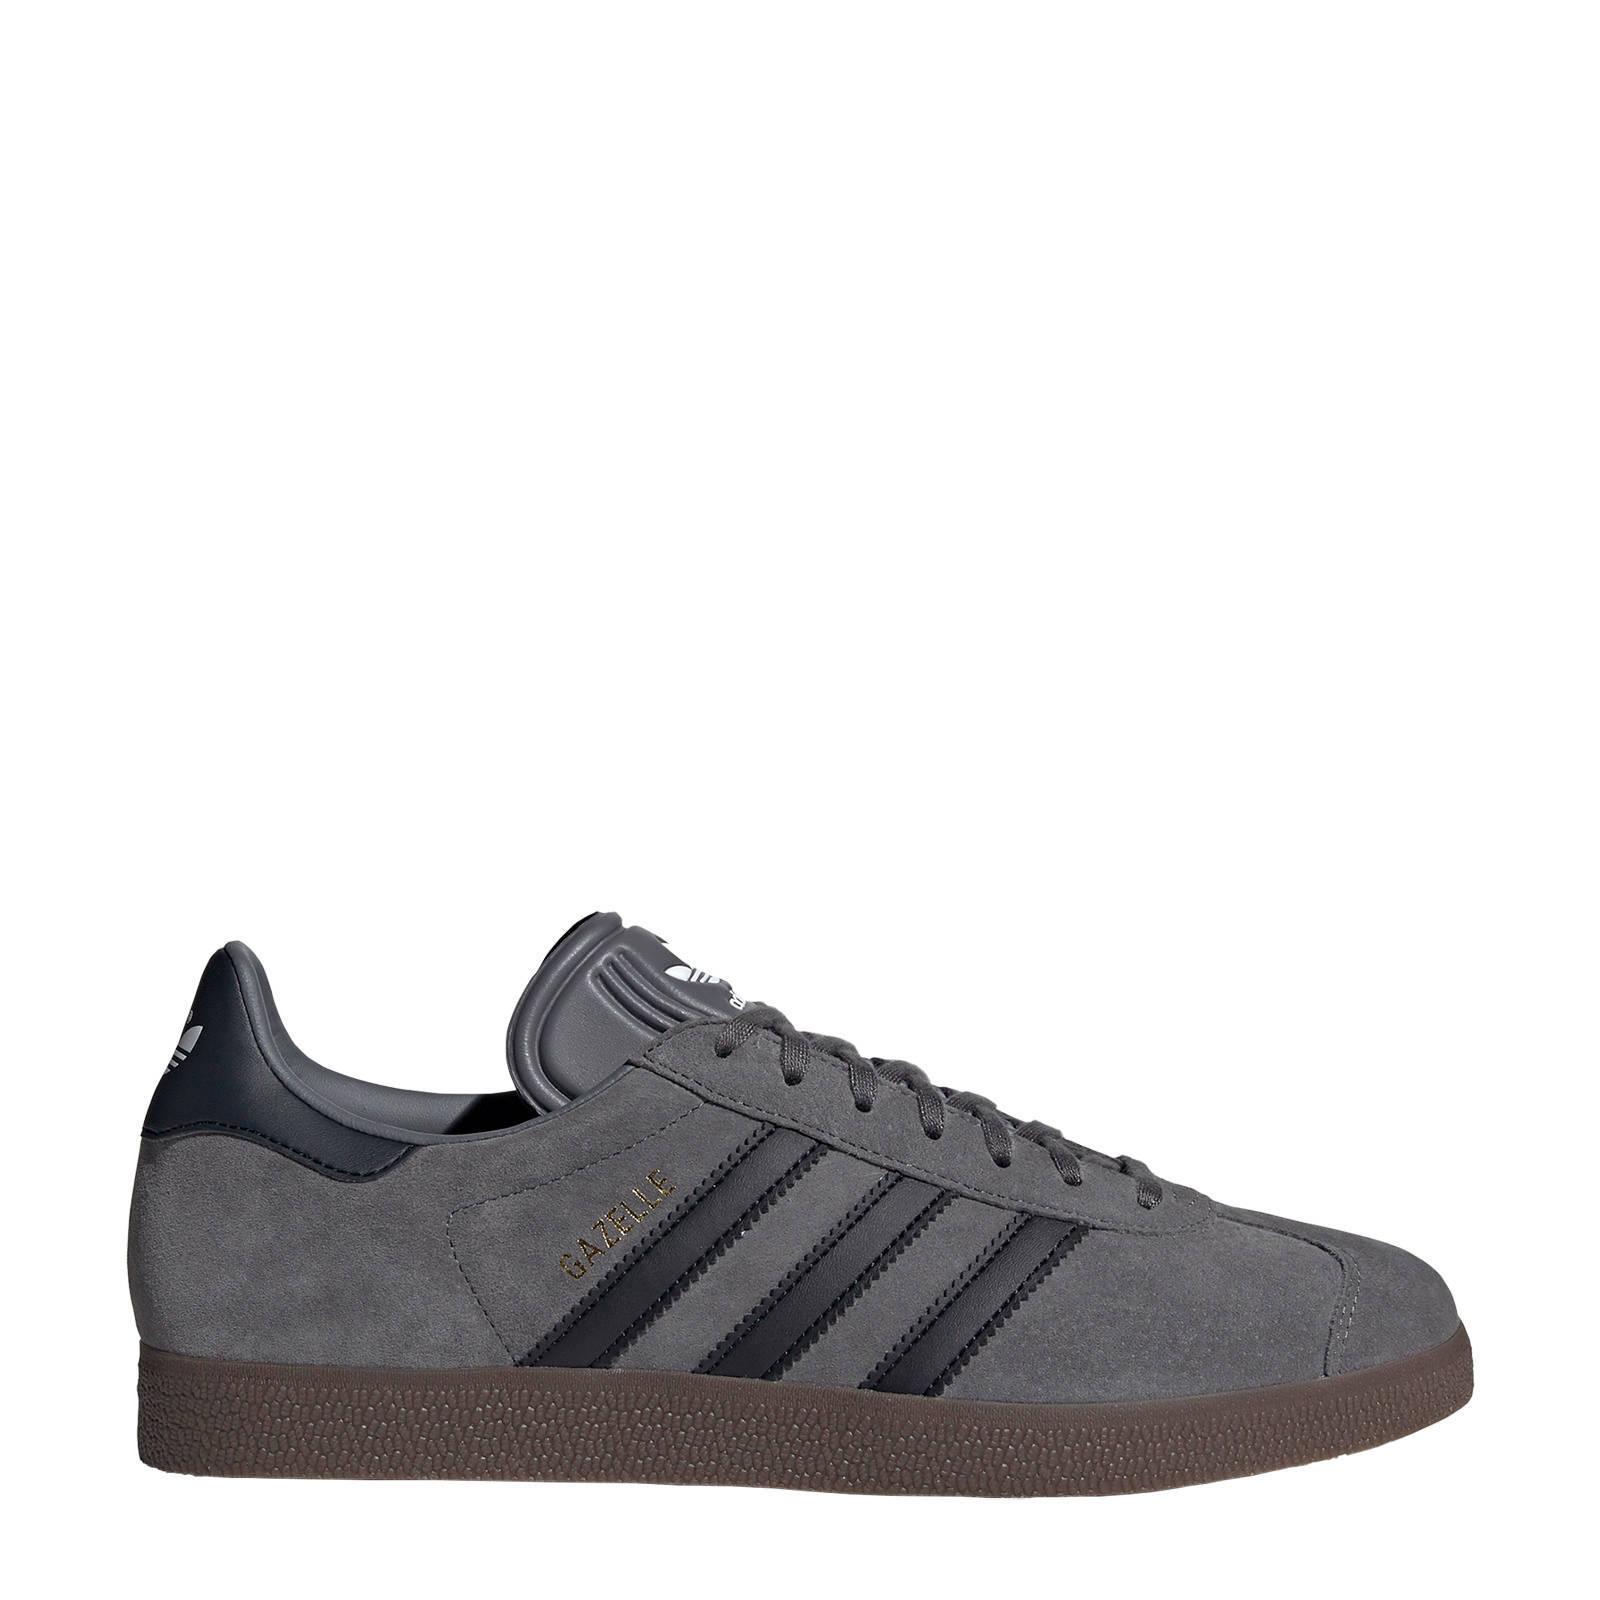 adidas Originals Gazelle sneakers grijs   wehkamp